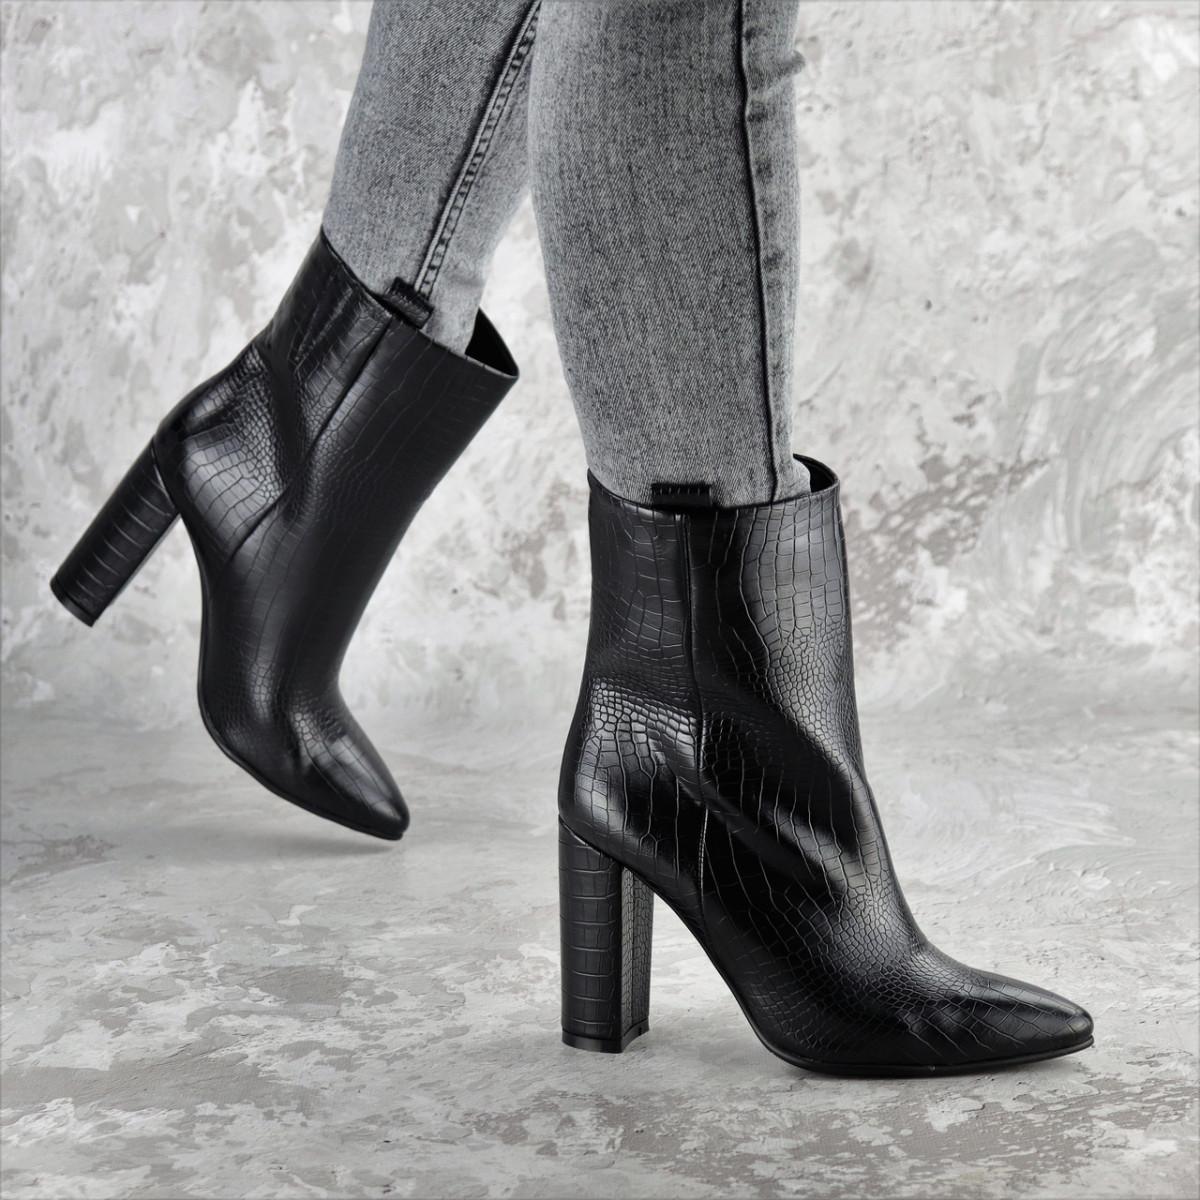 Ботинки женские на каблуке черные Magintey 2369 (35 размер)